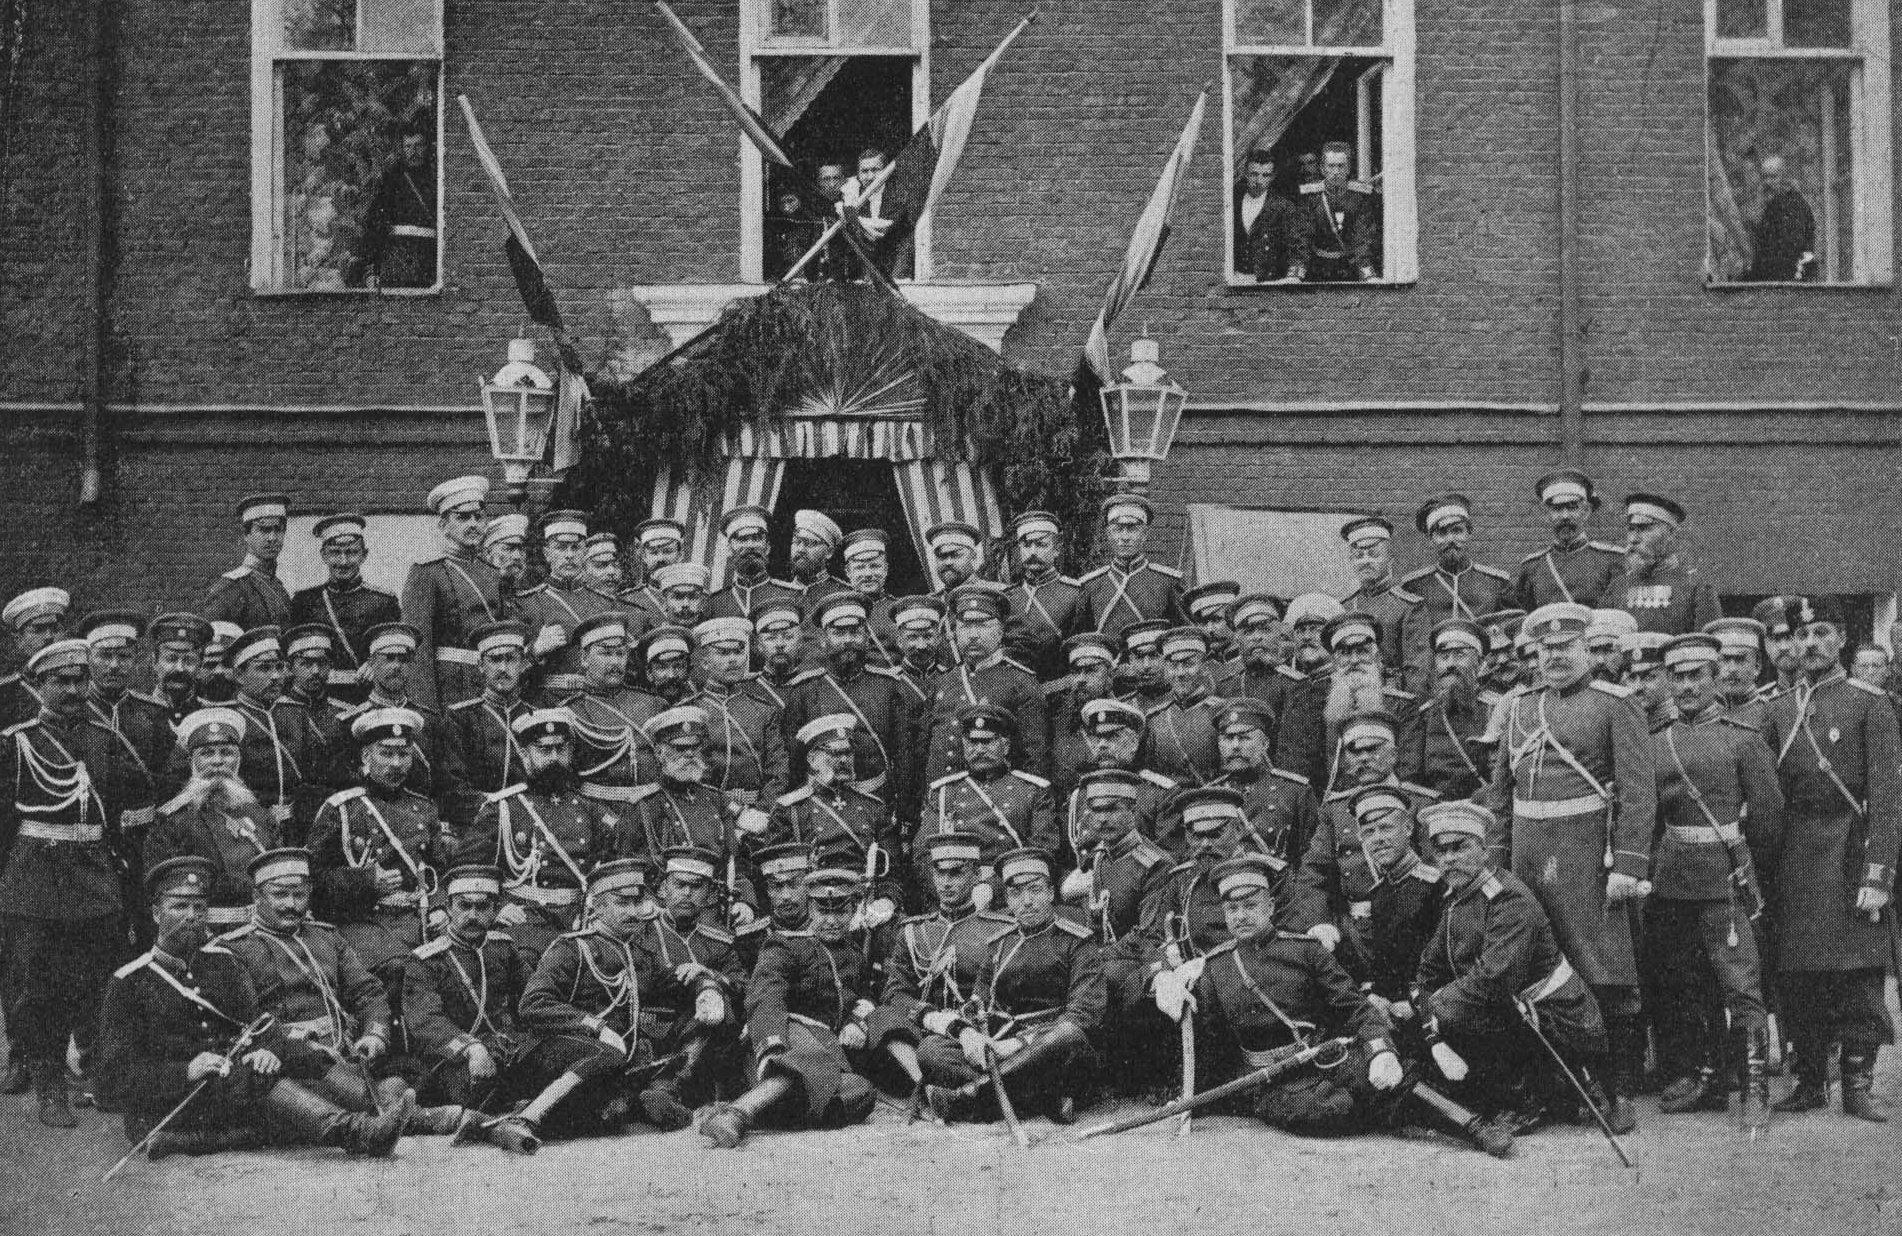 86-го пехотный Вильманстрандский полк. Группа офицеров вместе с прибывшим для высочайшего смотра в Старой Руссе 6 июля 1904 года великим князем Владимиром Александровичем